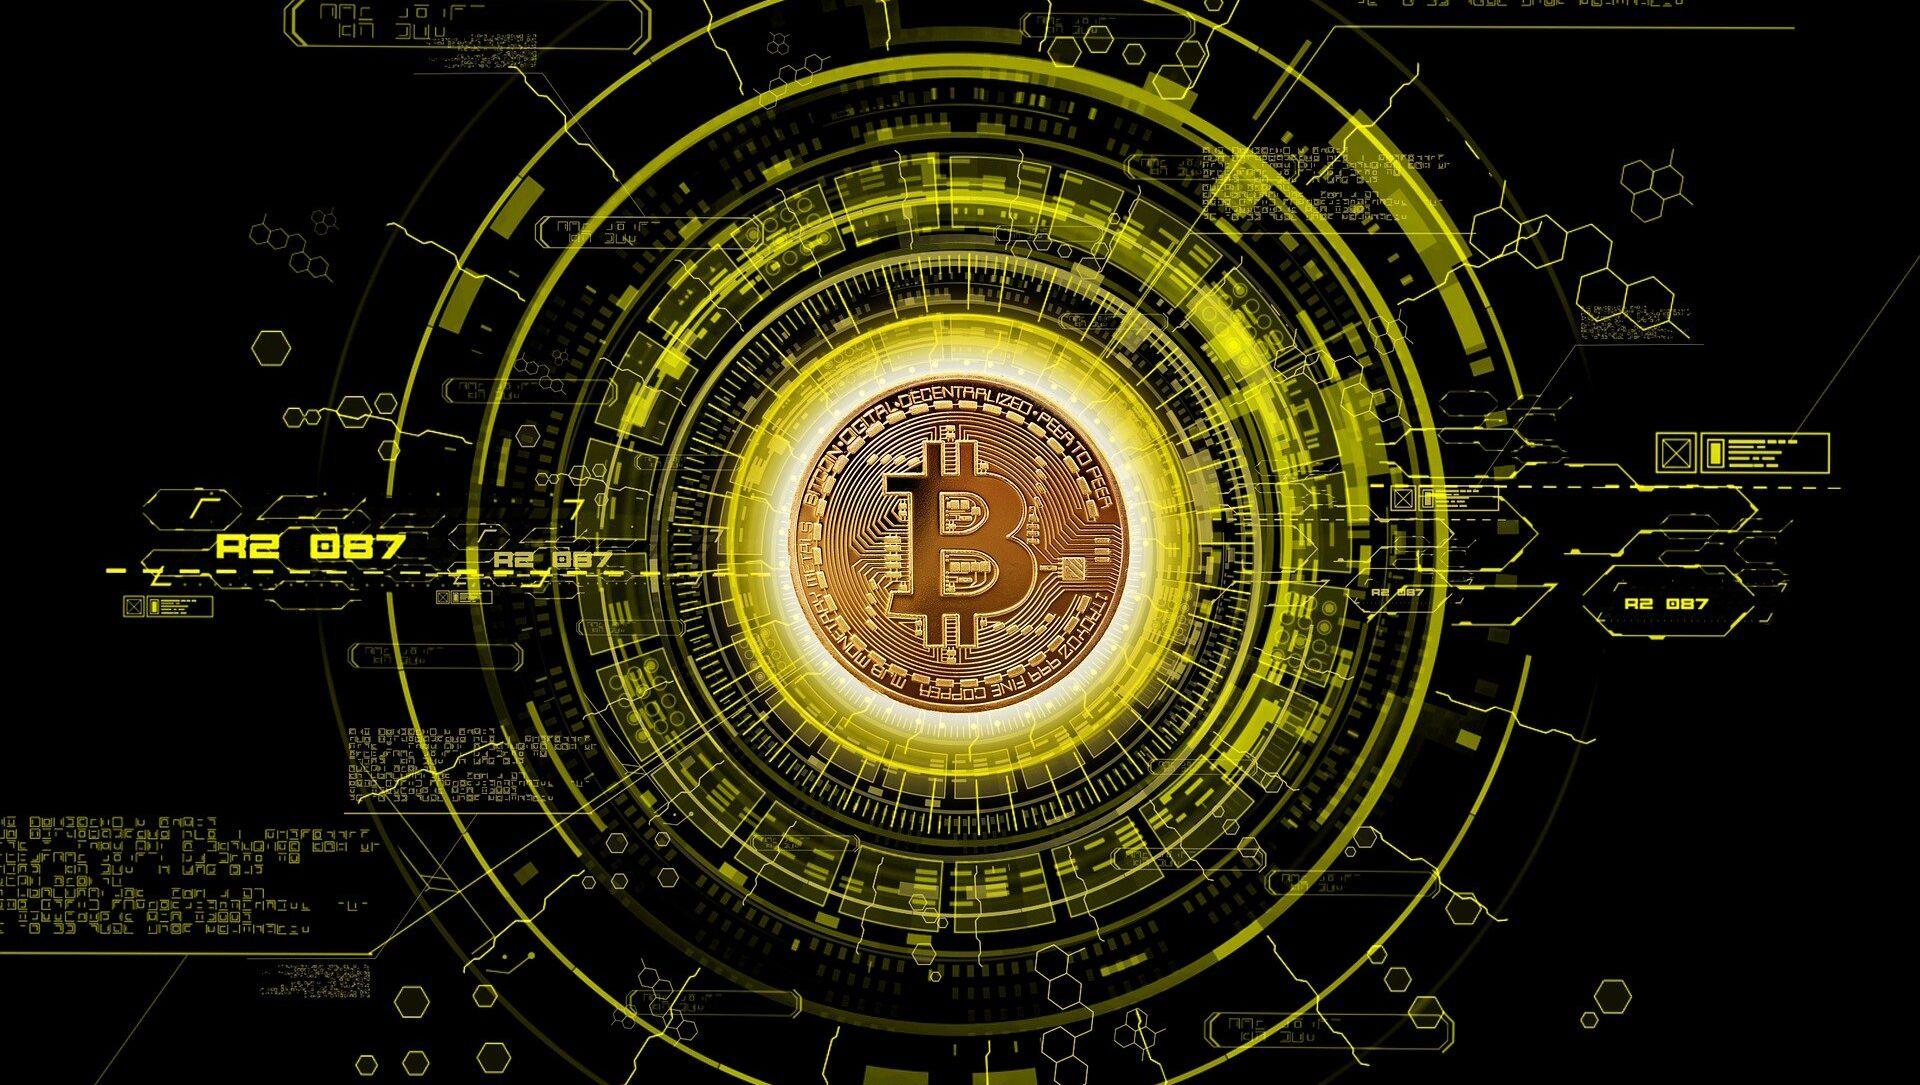 Bitcoin, criptomoneda - Sputnik Mundo, 1920, 03.02.2019